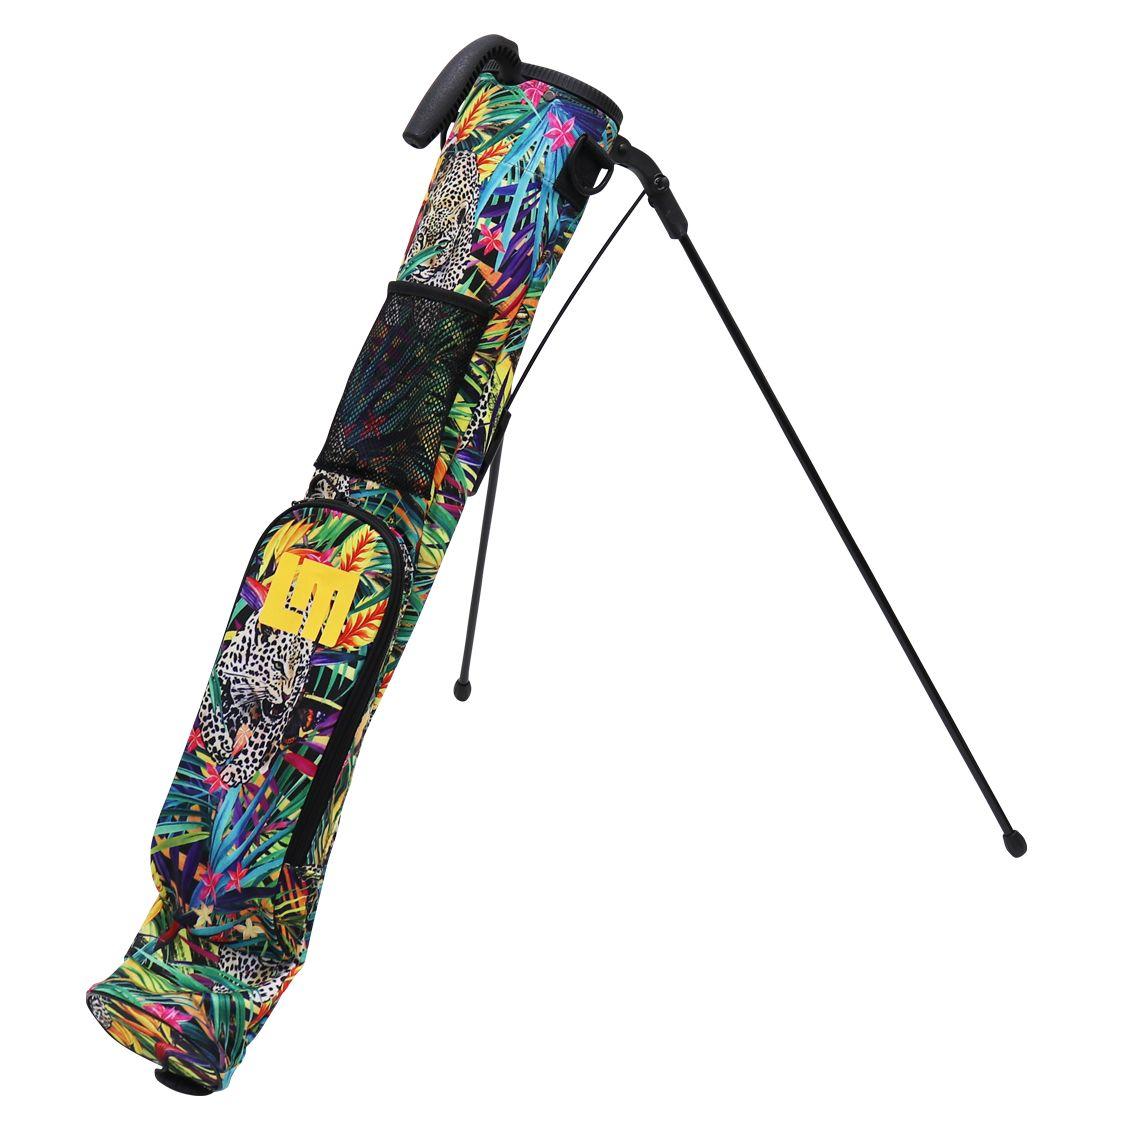 Loudmouth ラウドマウス メンズ レディース クラブケース スタンド バッグ ゴルフ LM-CC0004 219 Safari(サファリ)